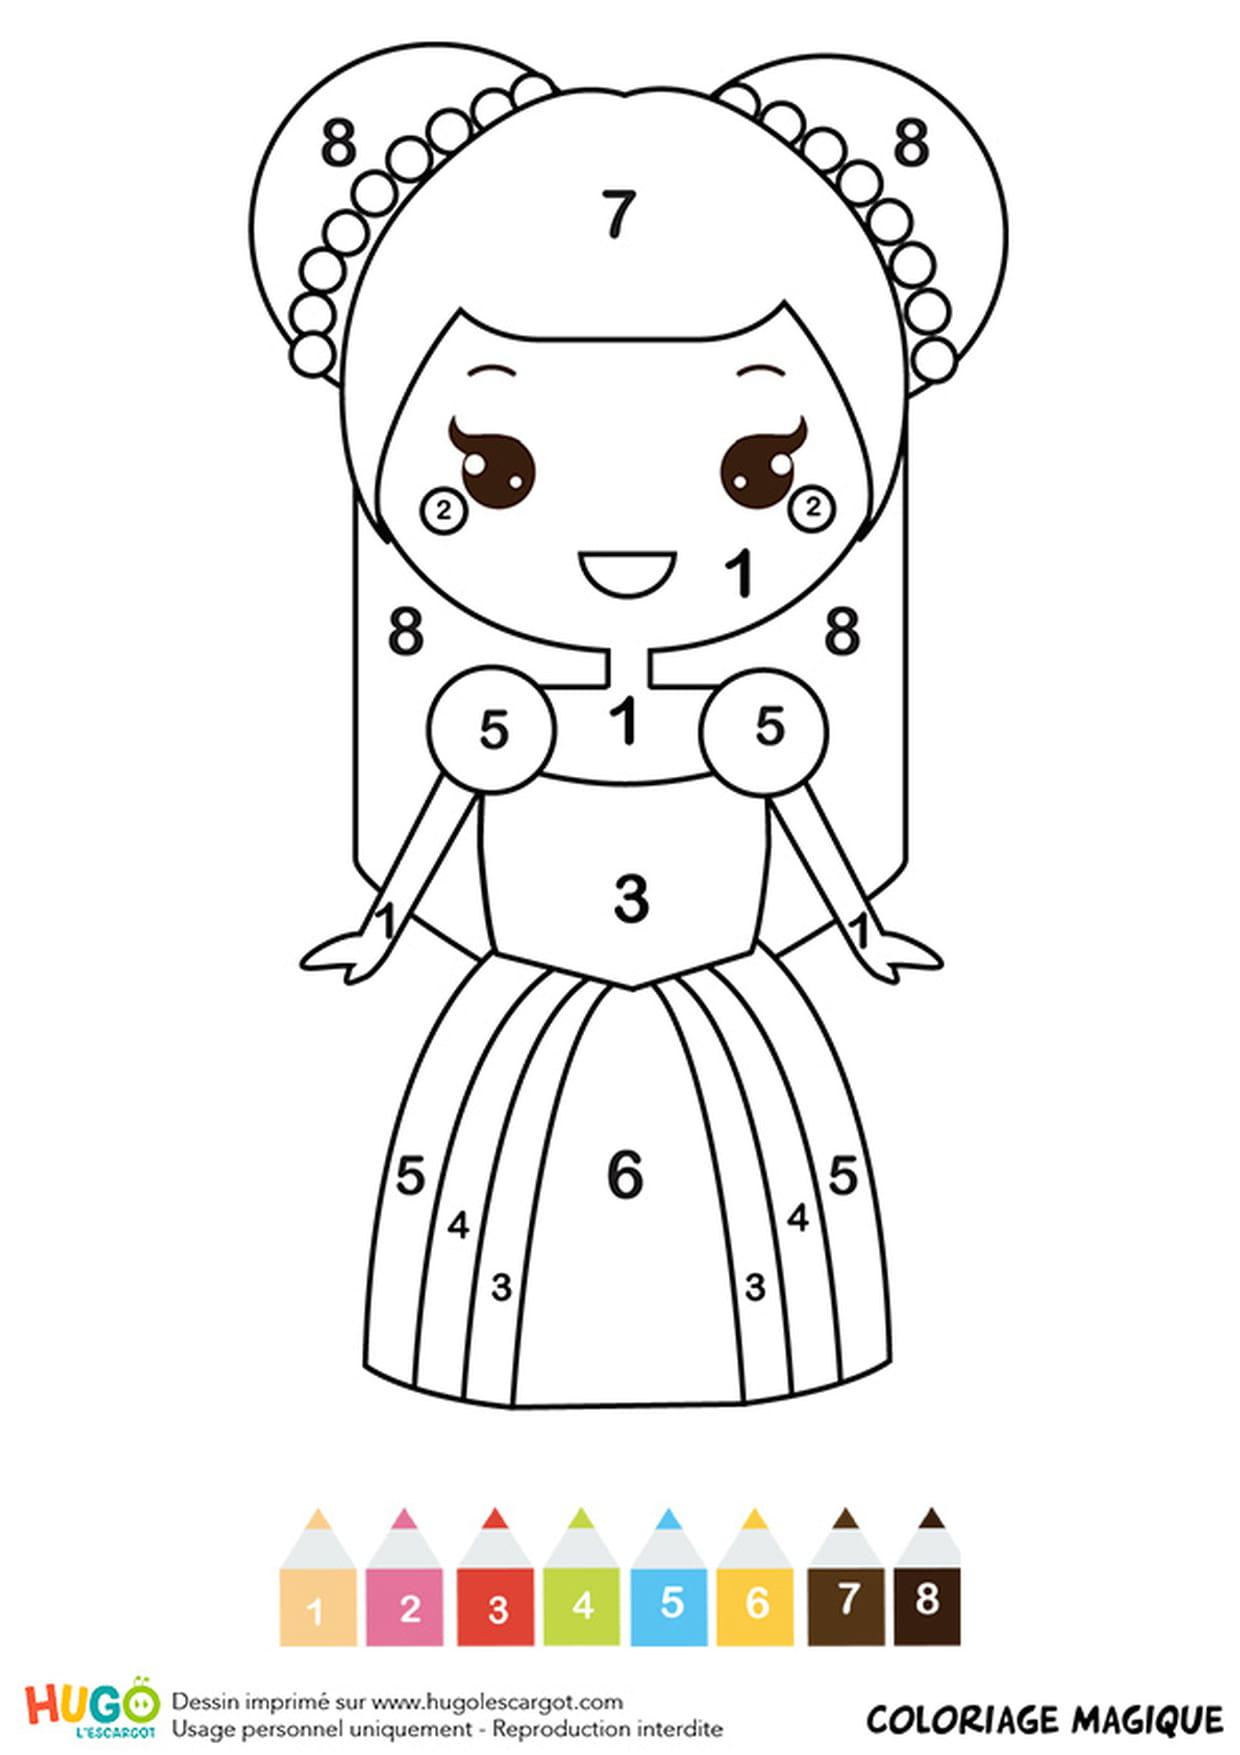 Coloriage Magique Cp : Une Belle Princesse avec Coloriage Magique Pour Enfant